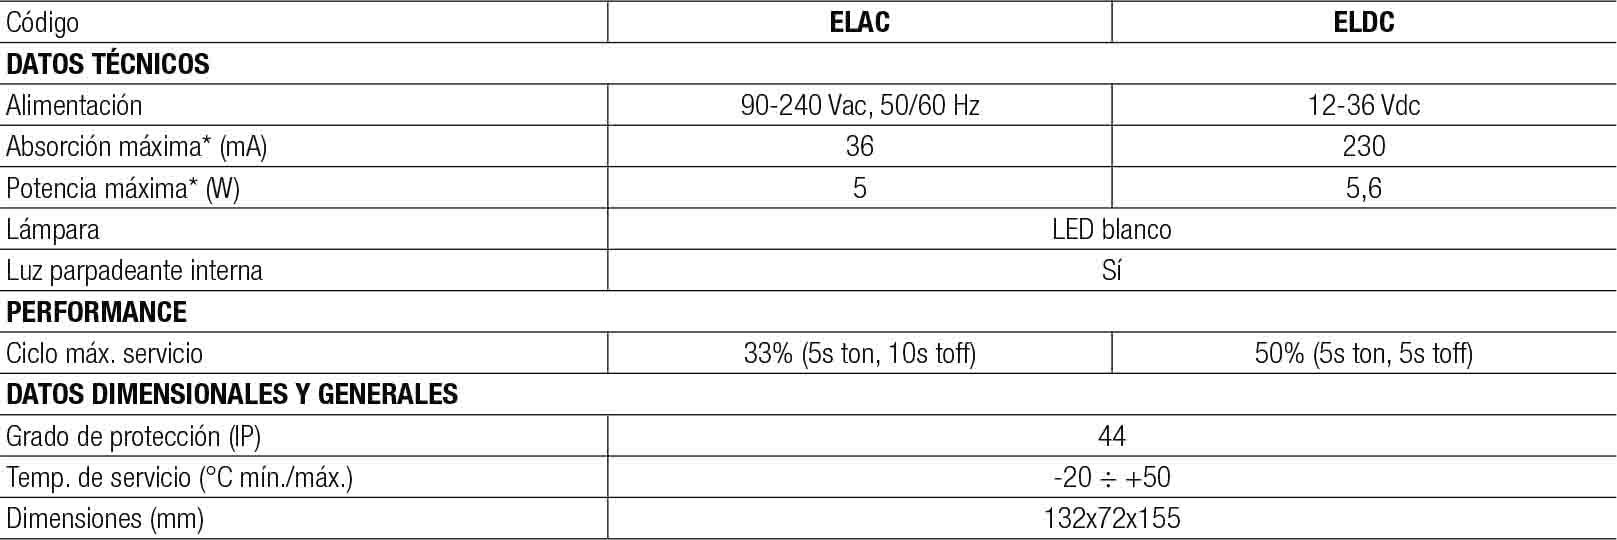 caracteristicas-elac-eldc